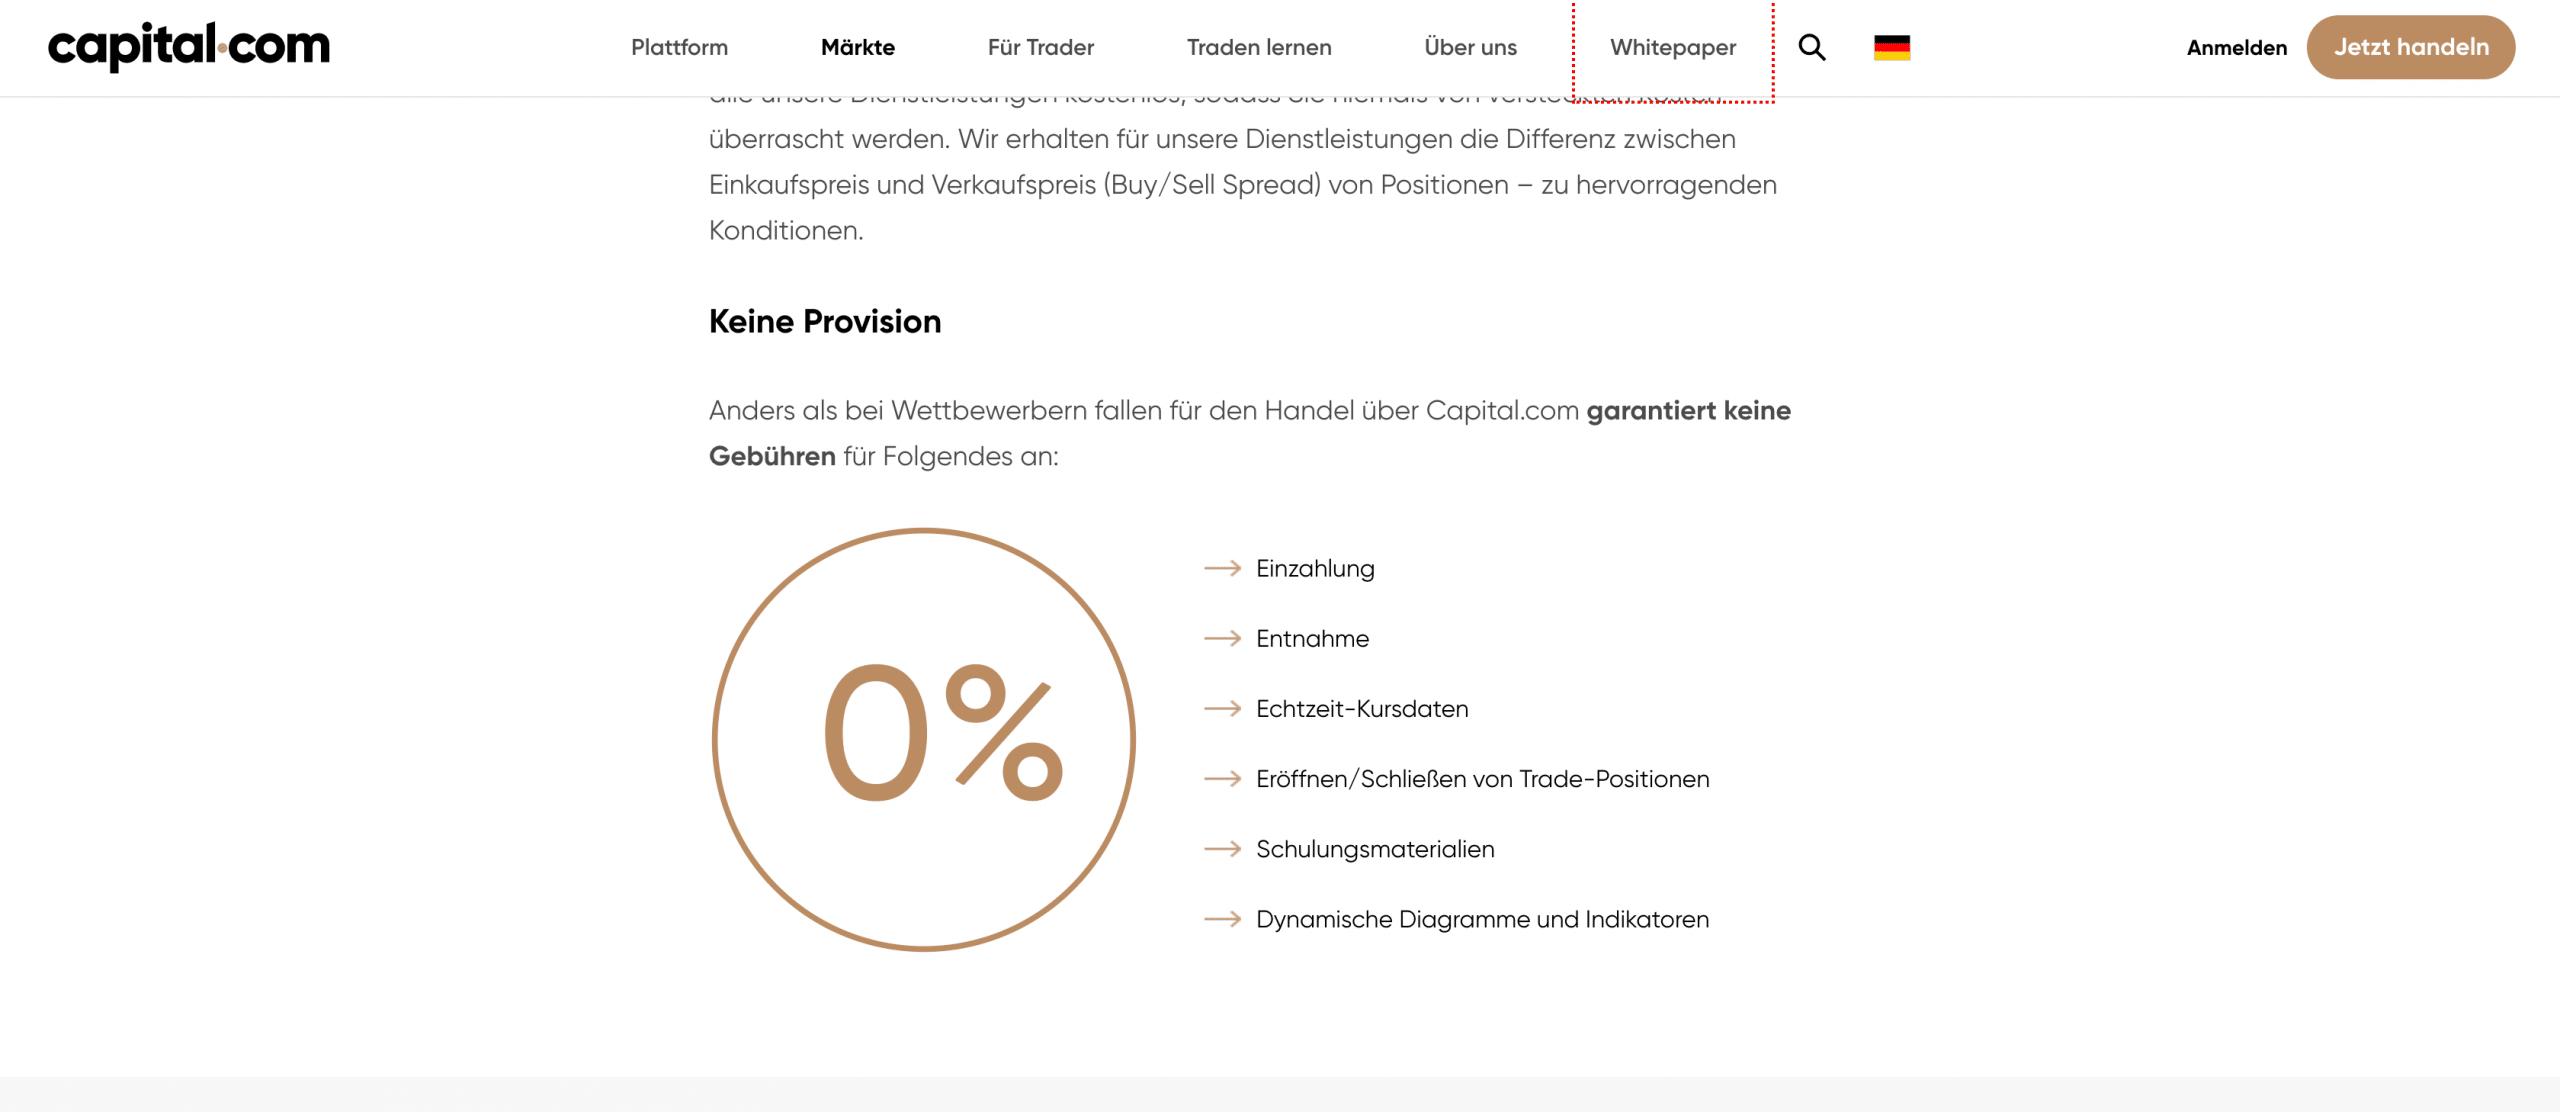 Capital.com Gebühren